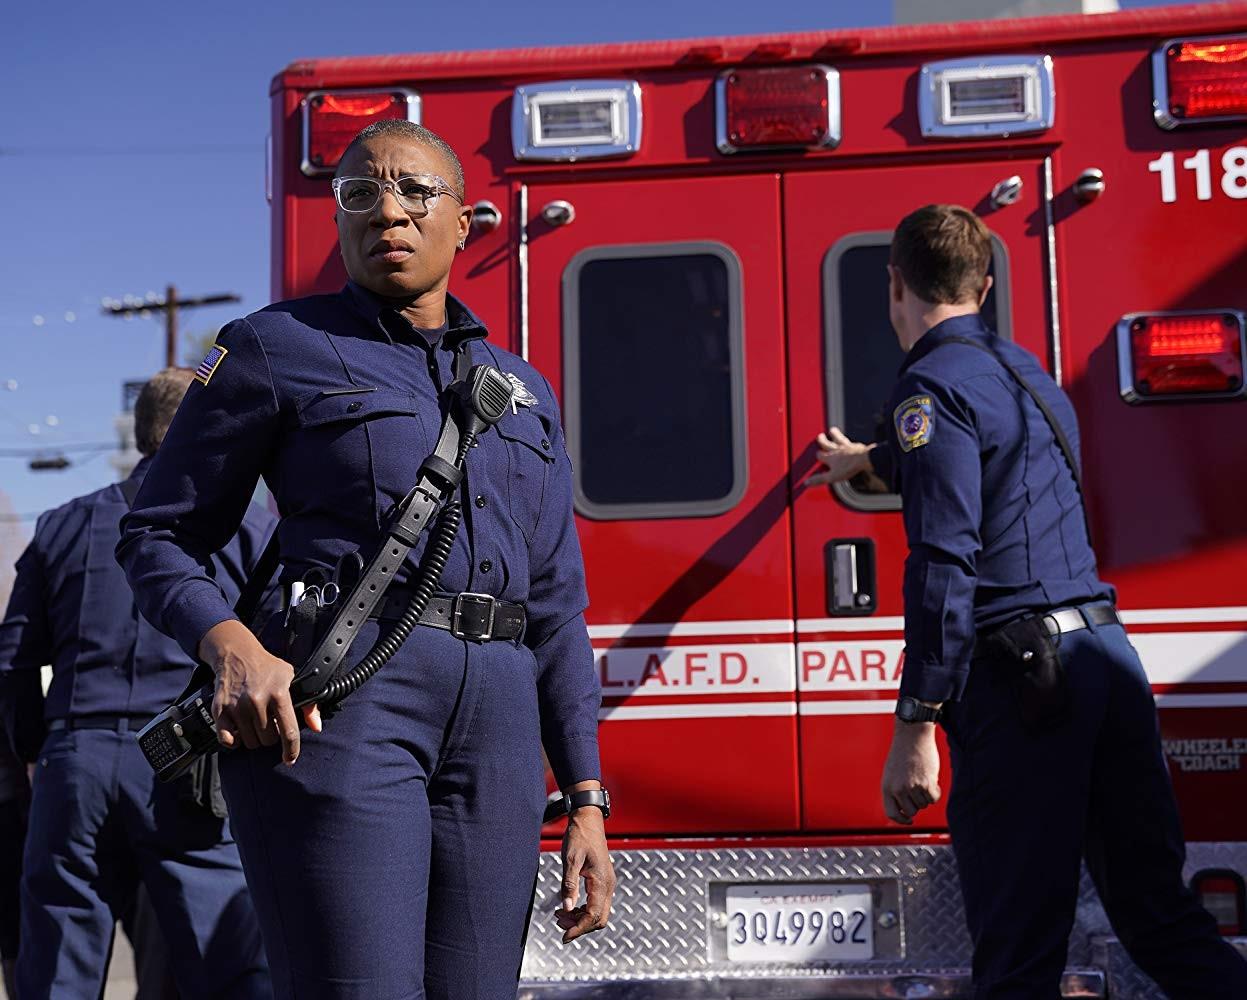 Aisha Hinds v seriáli 911